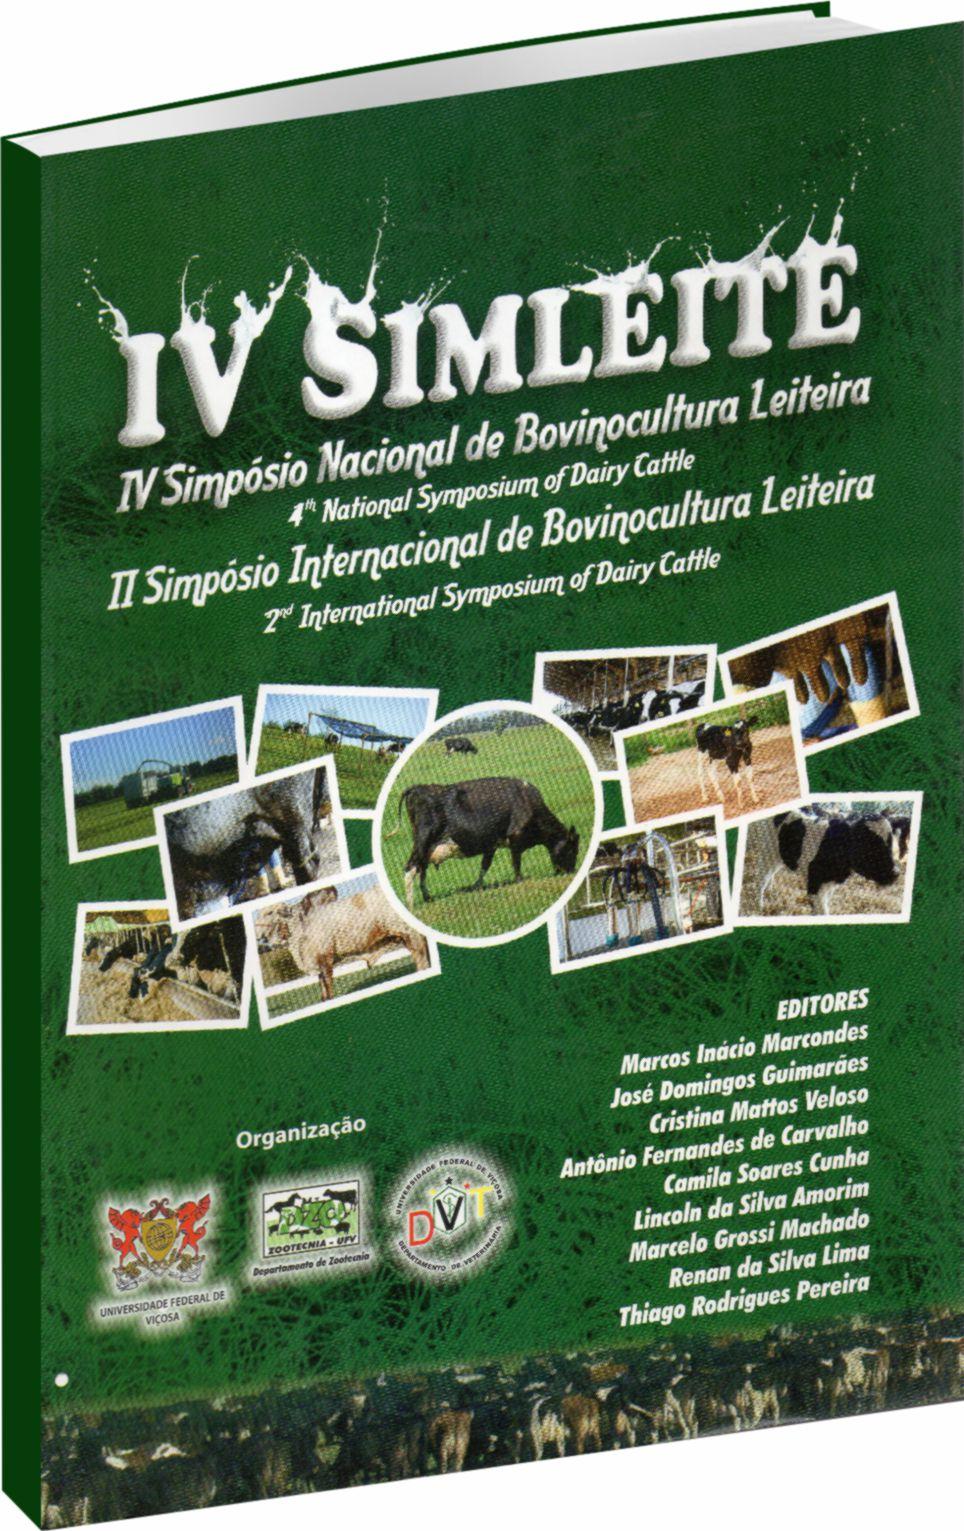 IV SIMLEITE - Simposio Nacional de Bovinocultura Leiteira